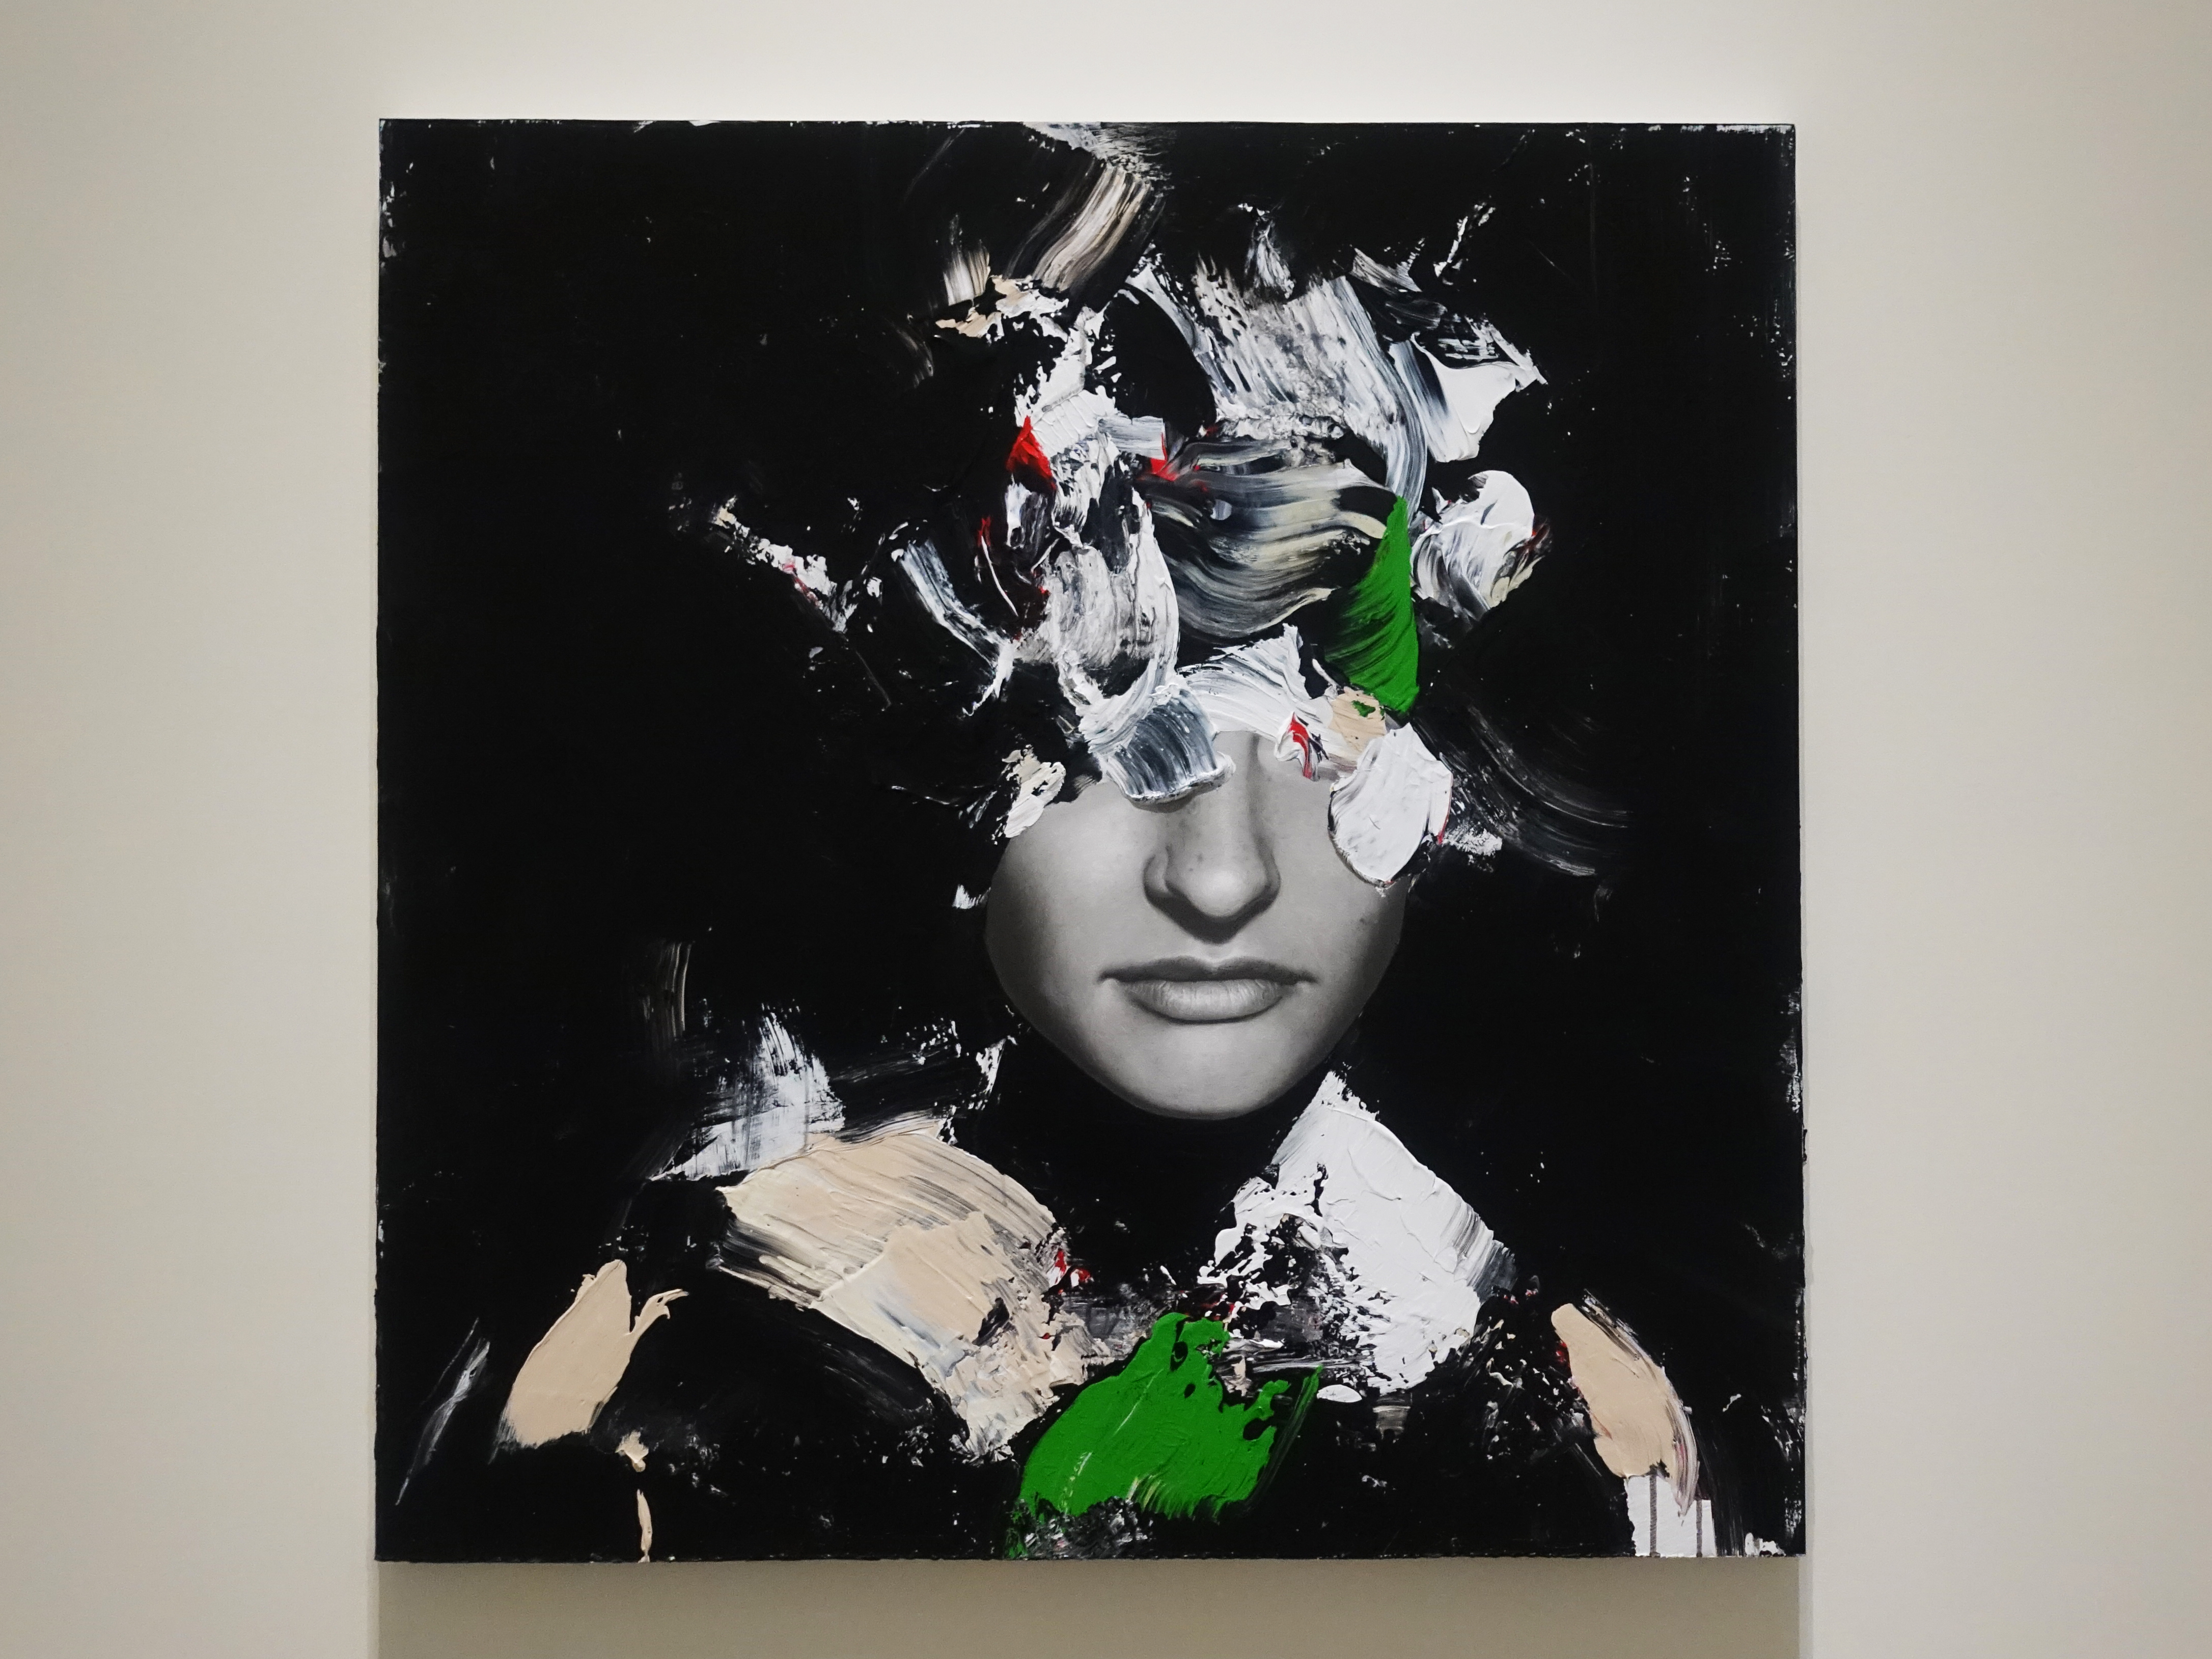 佐藤誠高,《Darkness》,98 x 97 cm,鉛筆、壓克力、紙、木板,2019。